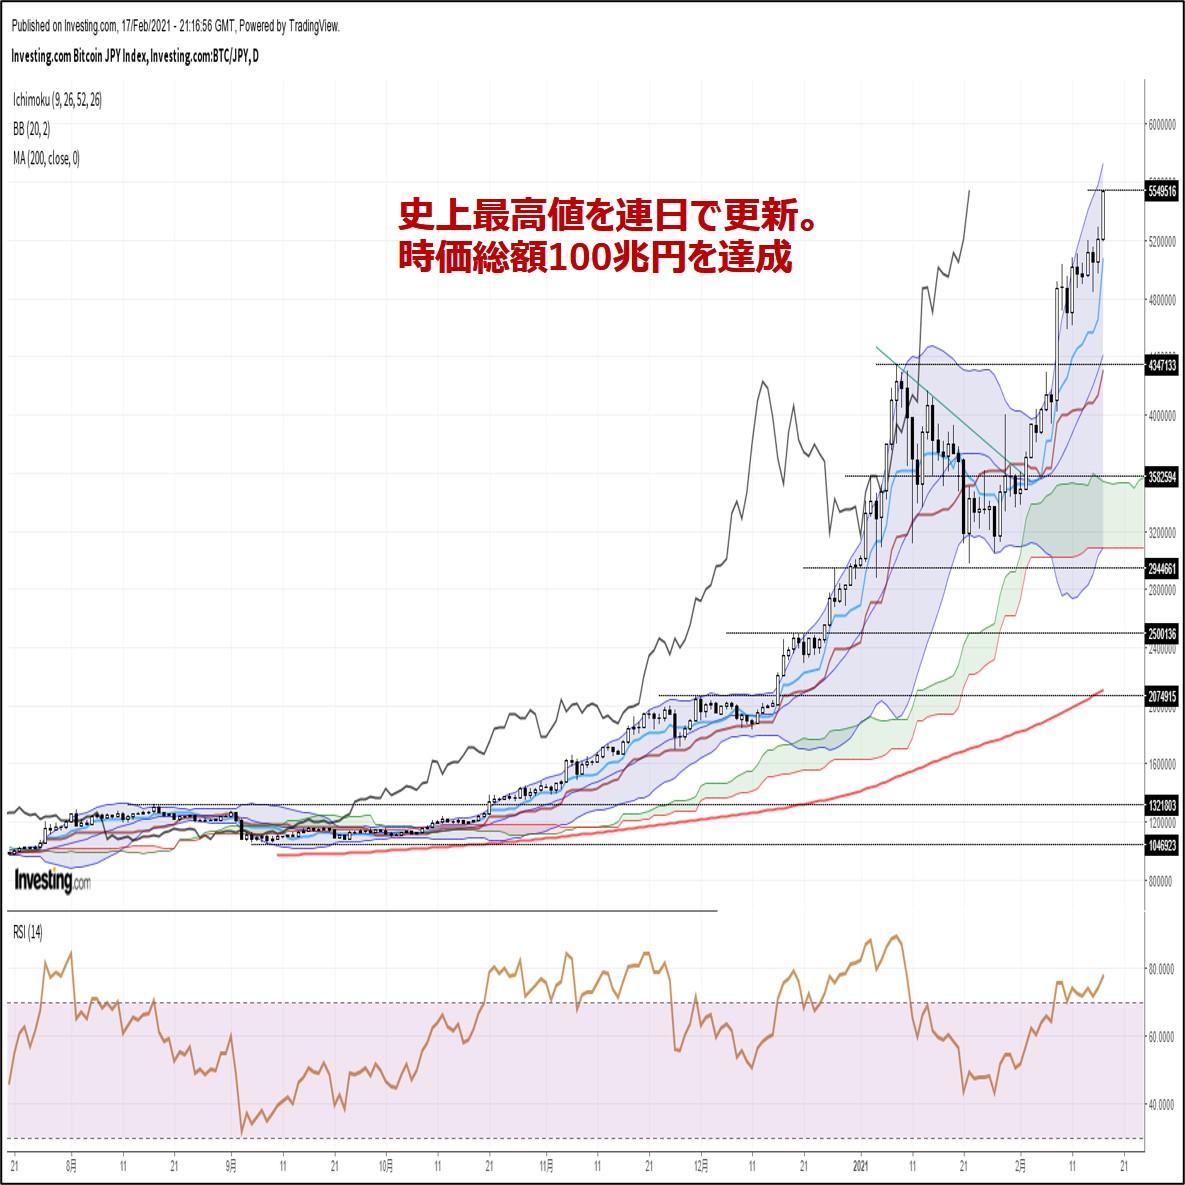 ビットコイン円、史上最高値を連日で更新。時価総額100兆円を達成(2/18朝)